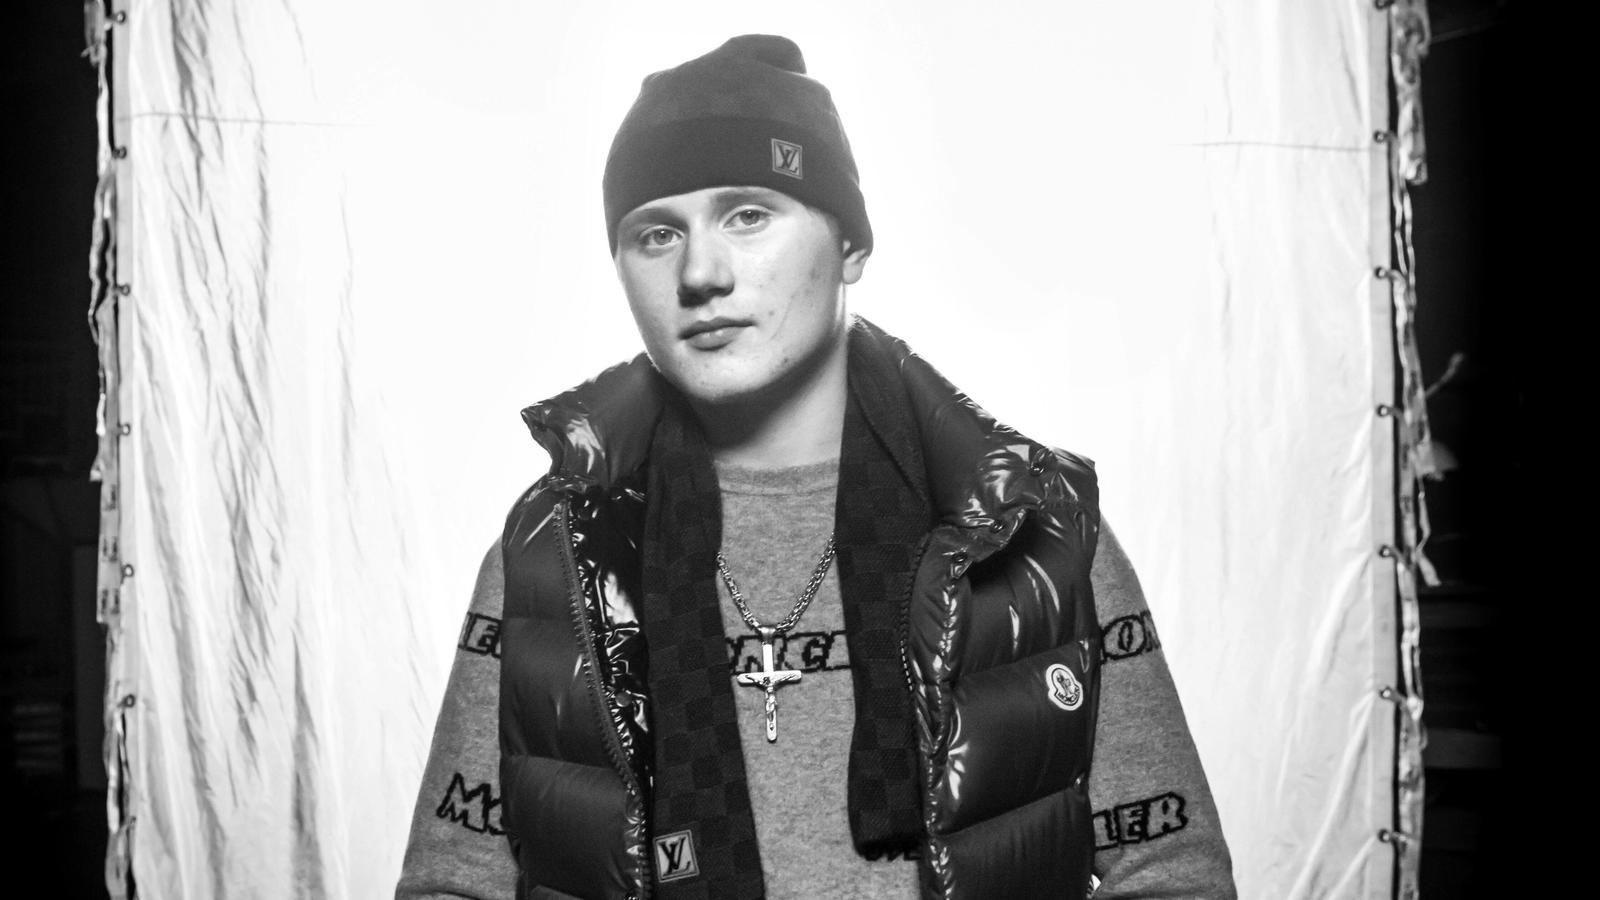 nils-kurt-erik-einar-gronberg-bekannt-als-rapper-einar